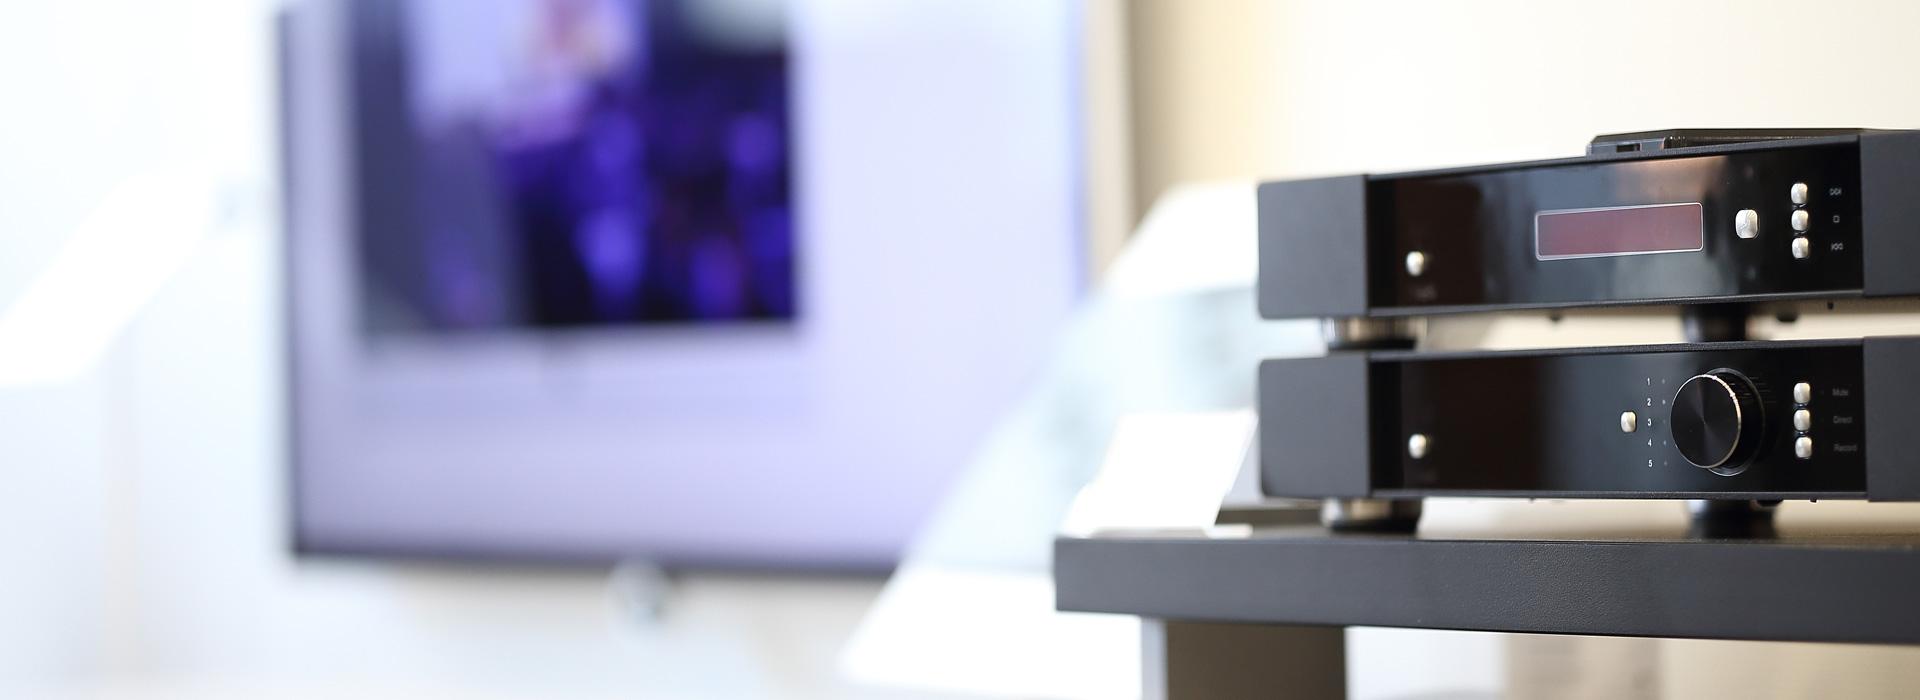 sound@home - Verstärker und CD-Player in der Ausstellung